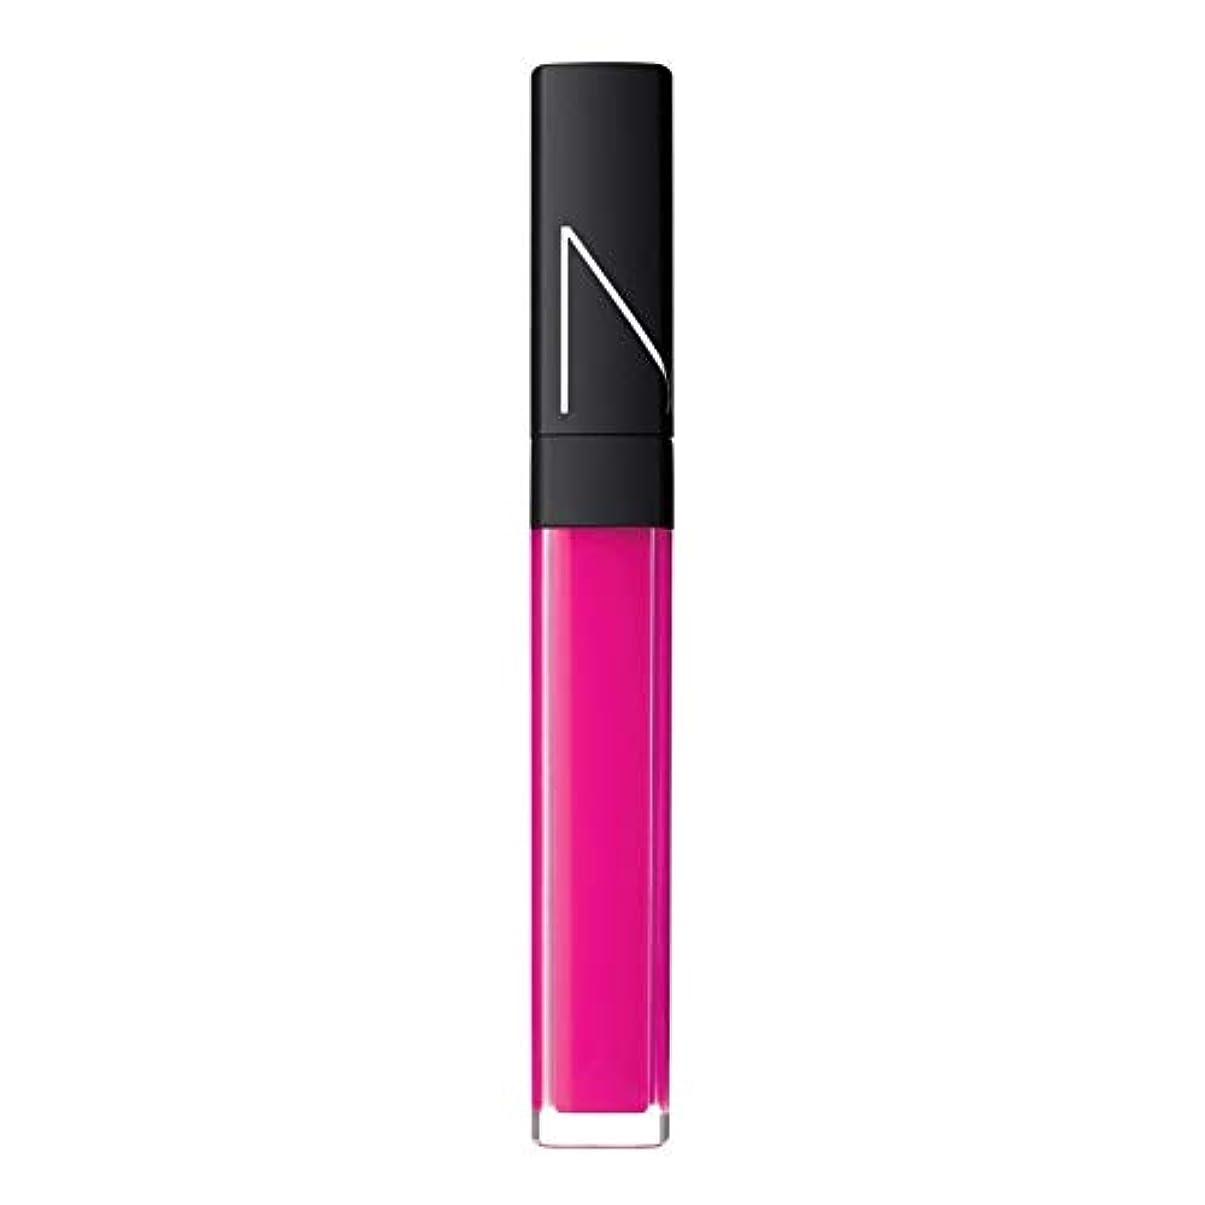 守銭奴不潔ファン[NARS] プリシラ中のNarリップグロス - Nars Lip Gloss in Priscilla [並行輸入品]